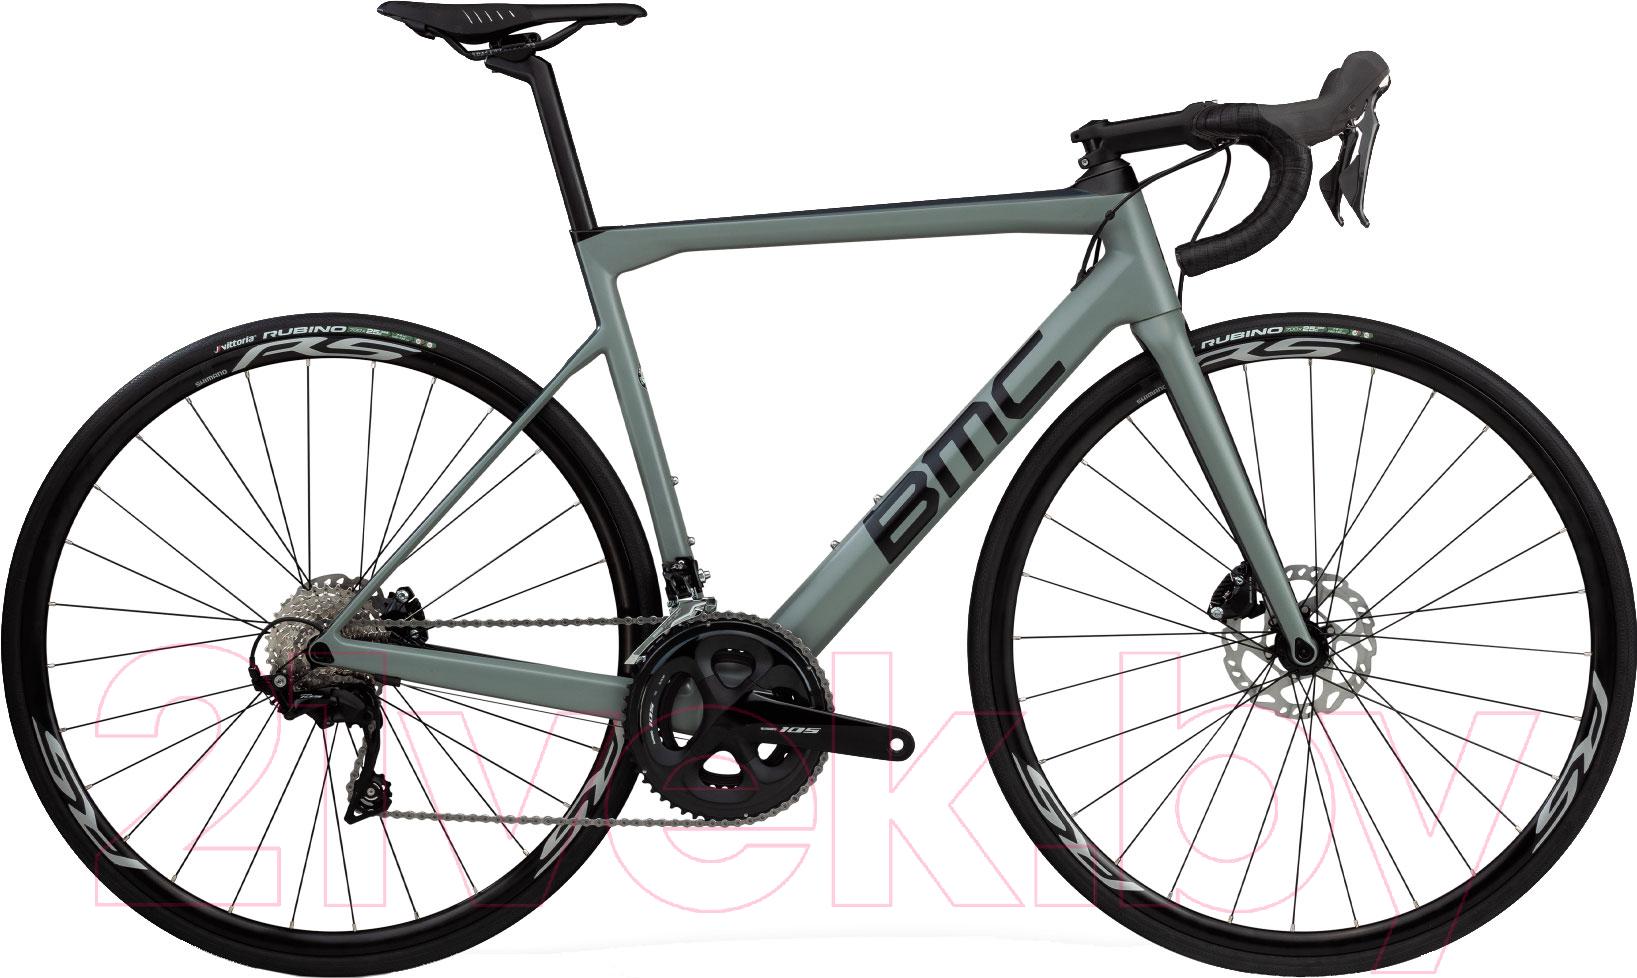 Купить Велосипед BMC, Teammachine SLR02 Disc Three 105 2019 / SLR02DiscThree (51, серый/черный/серый), Швейцария